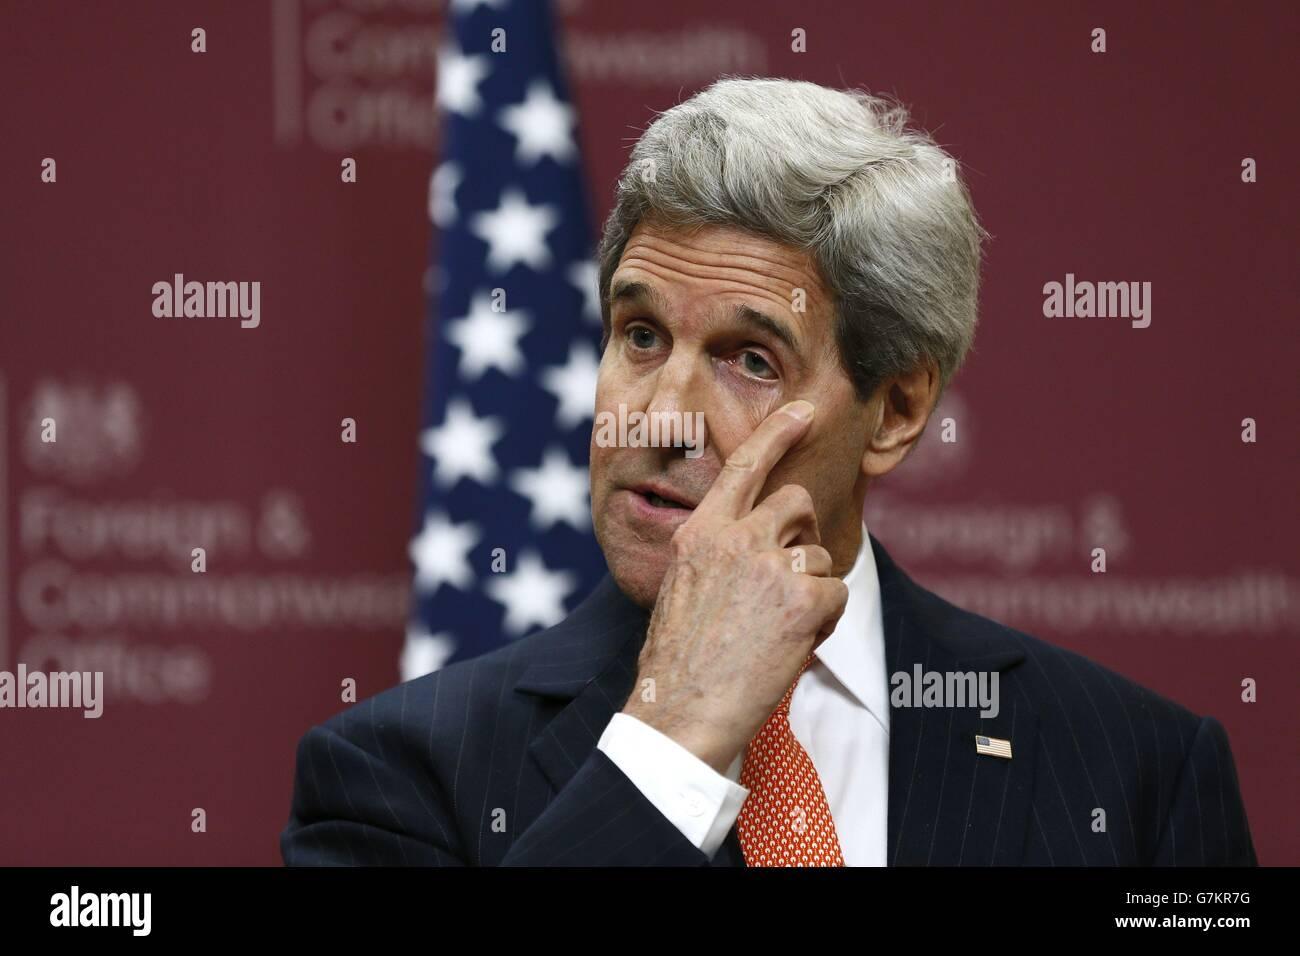 US-Außenminister John Kerry spricht bei einer Pressekonferenz im Außenministerium in London. Stockfoto